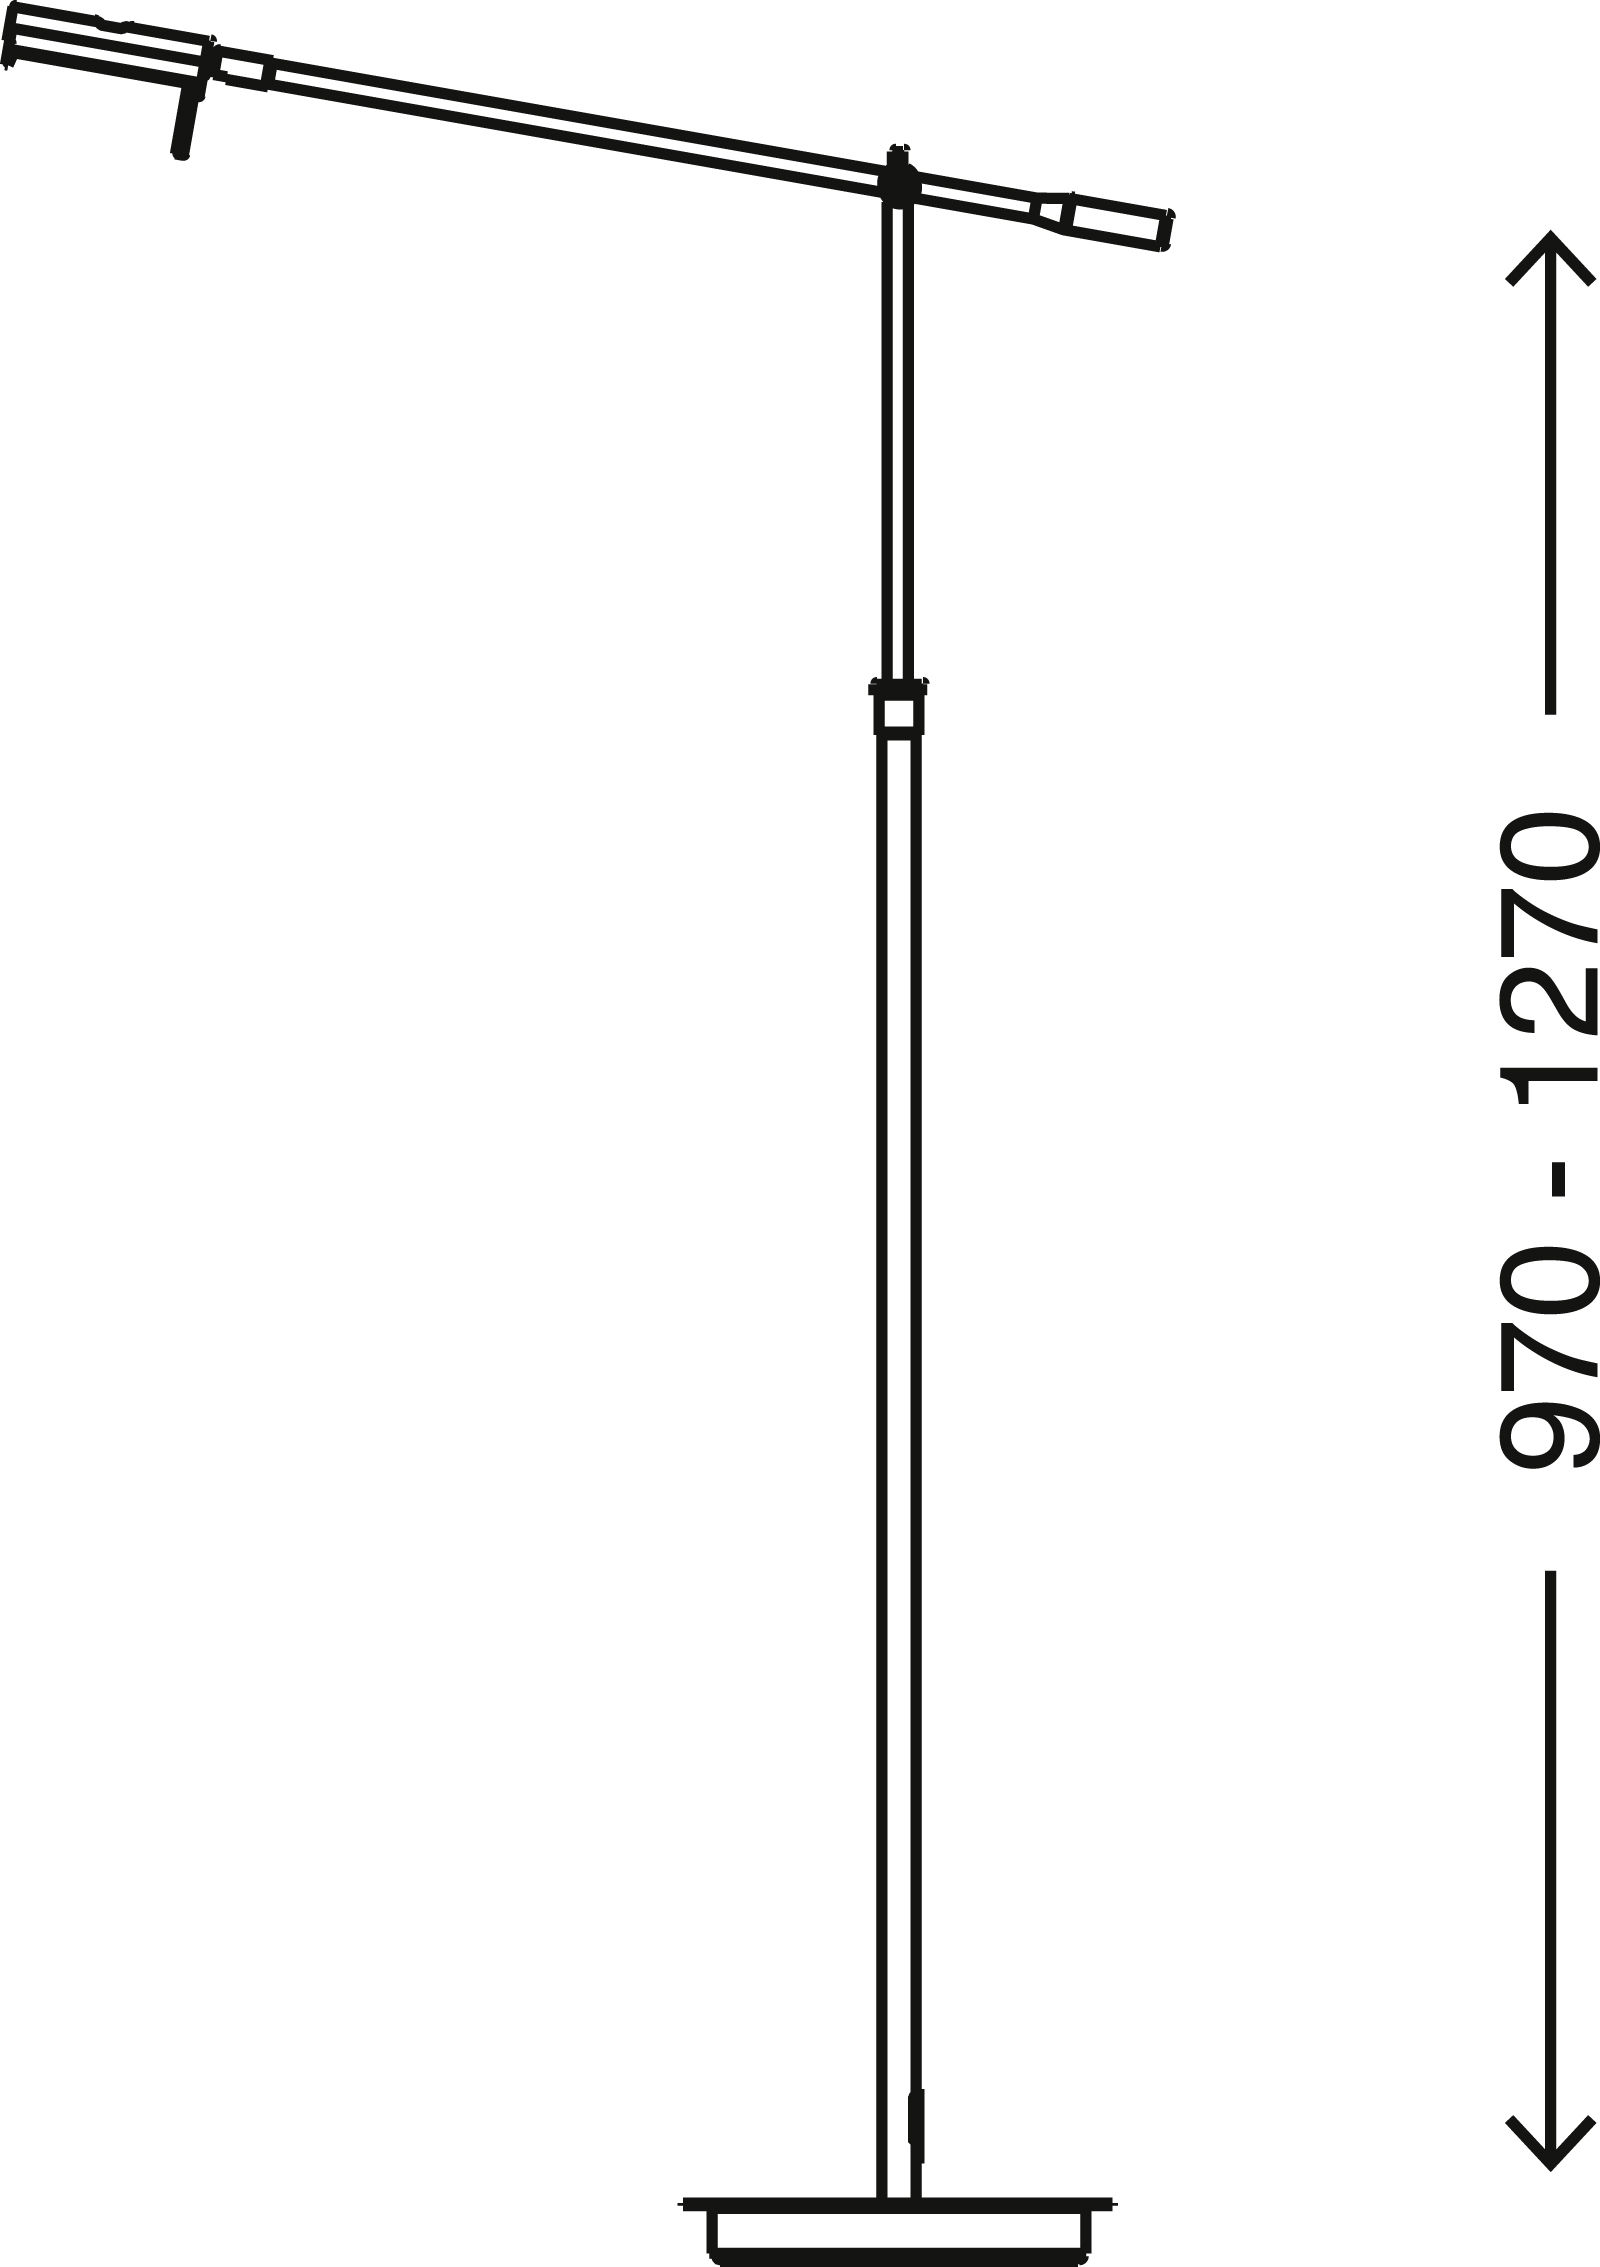 LED Stehleuchte, 126,5 cm, 10 W, Matt-Nickel